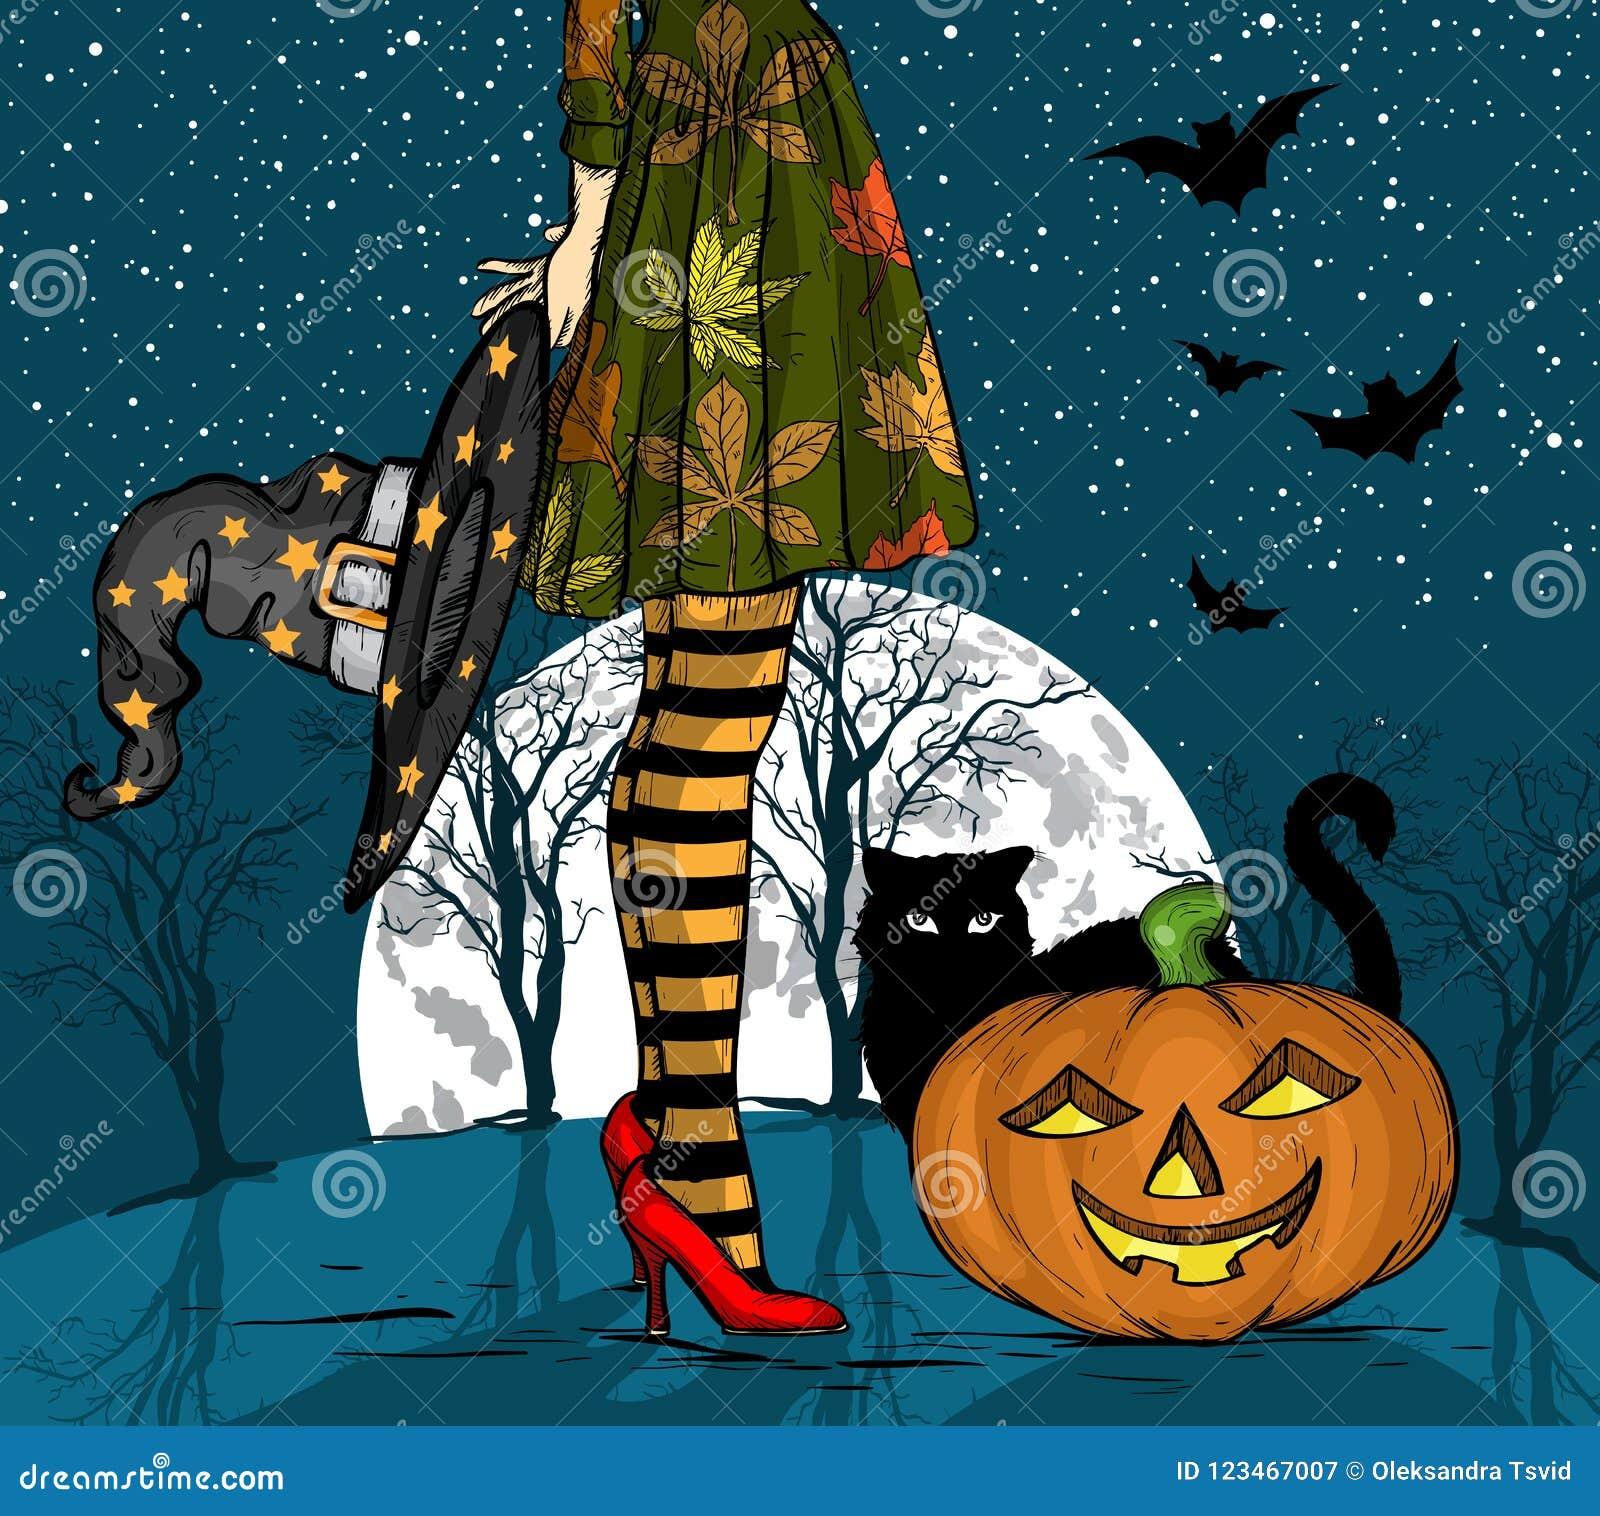 Gemakkelijk om Vectorbeeld uit te geven Heks met in hand tovenaarshoed, zwarte kat en pompoen, grote maan op achtergrond